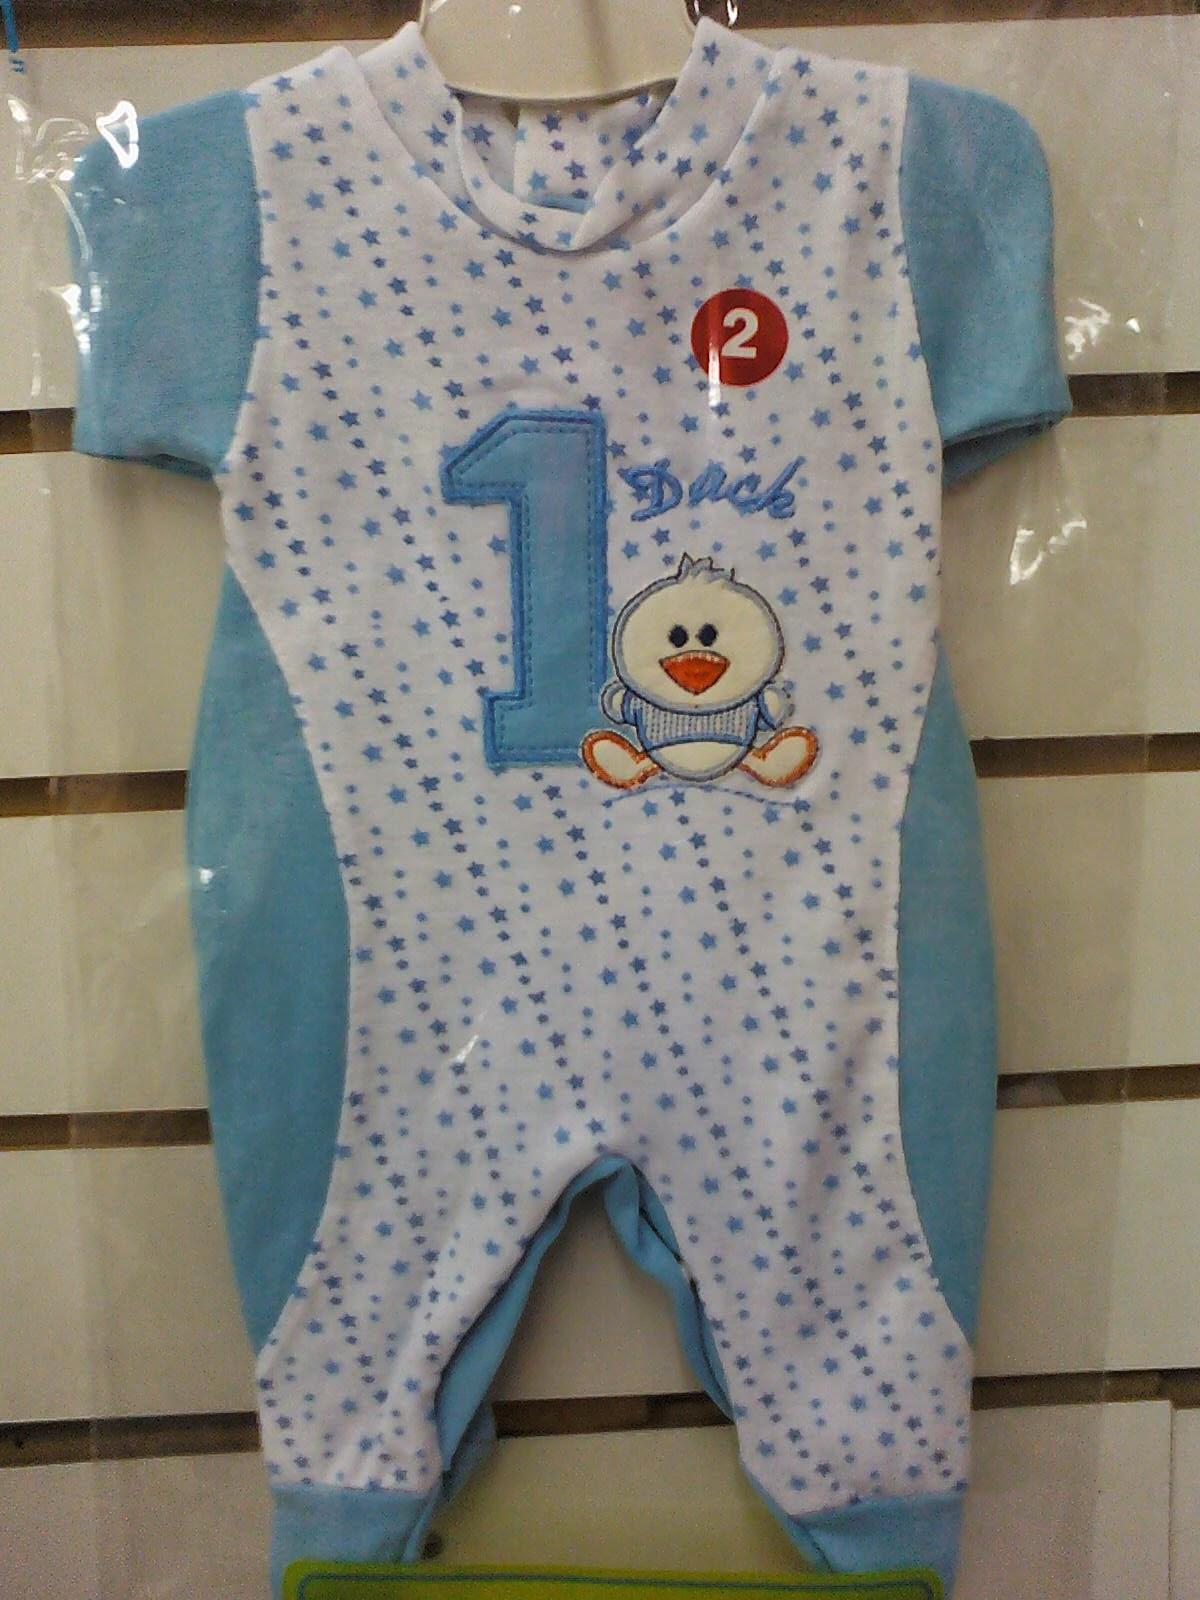 fabricantes de ropa por mayor en once, distribuidores de ropa de bebes,